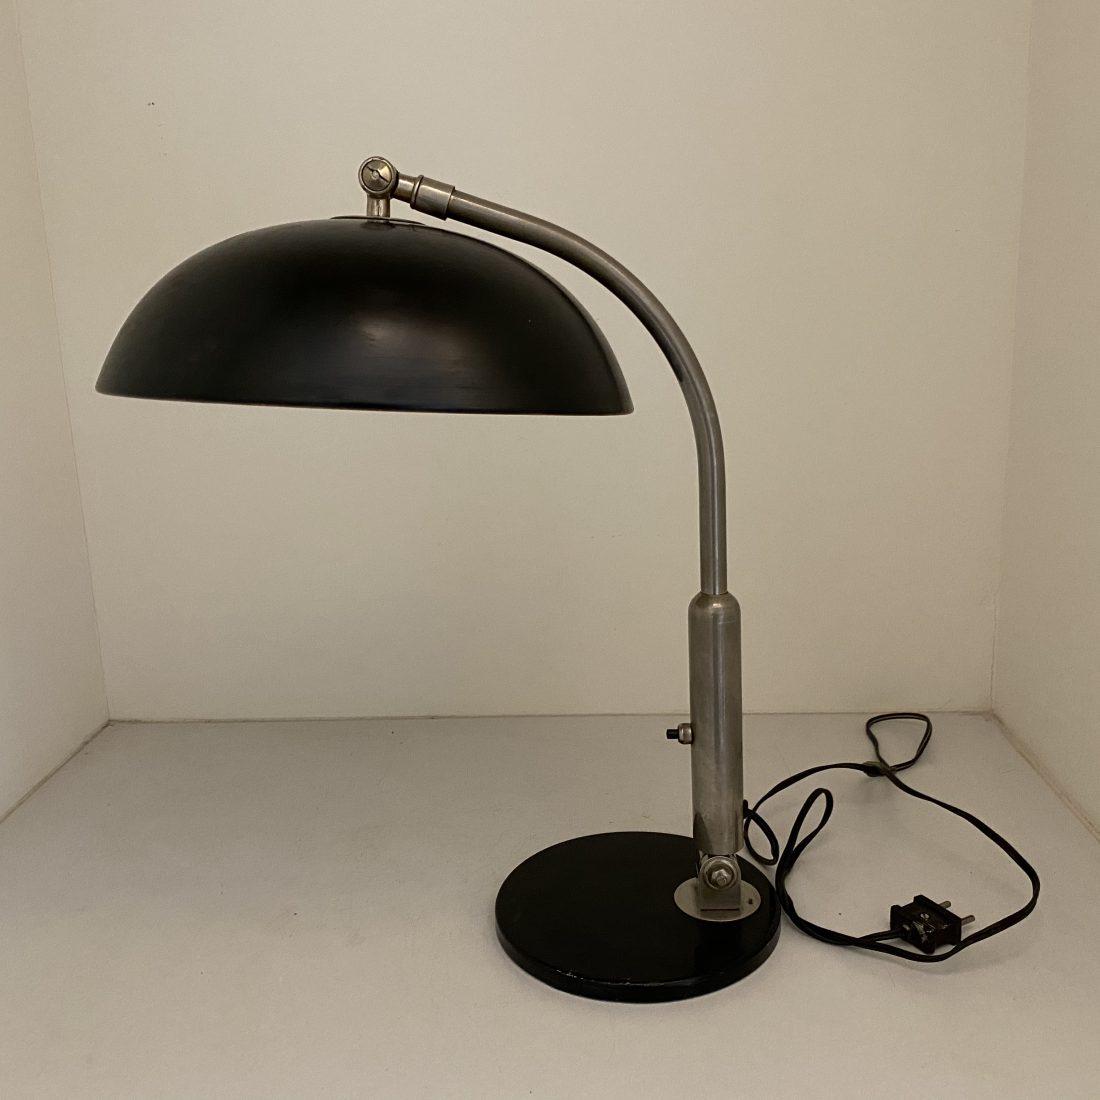 Metalen/messing tafellamp, Hala Busquet, Zeist, jaren 50